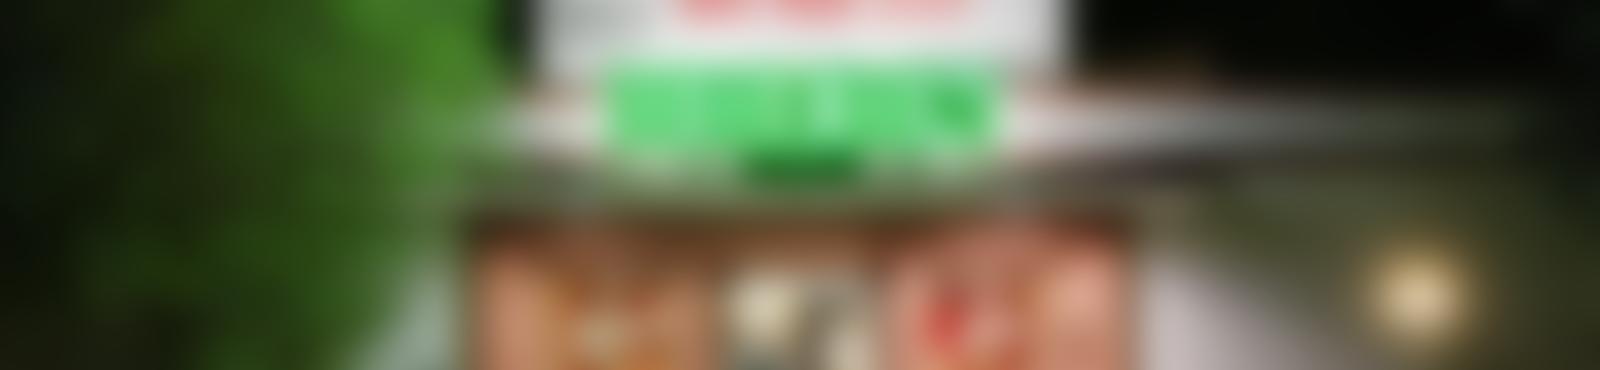 Blurred dh d 000092108 114 send